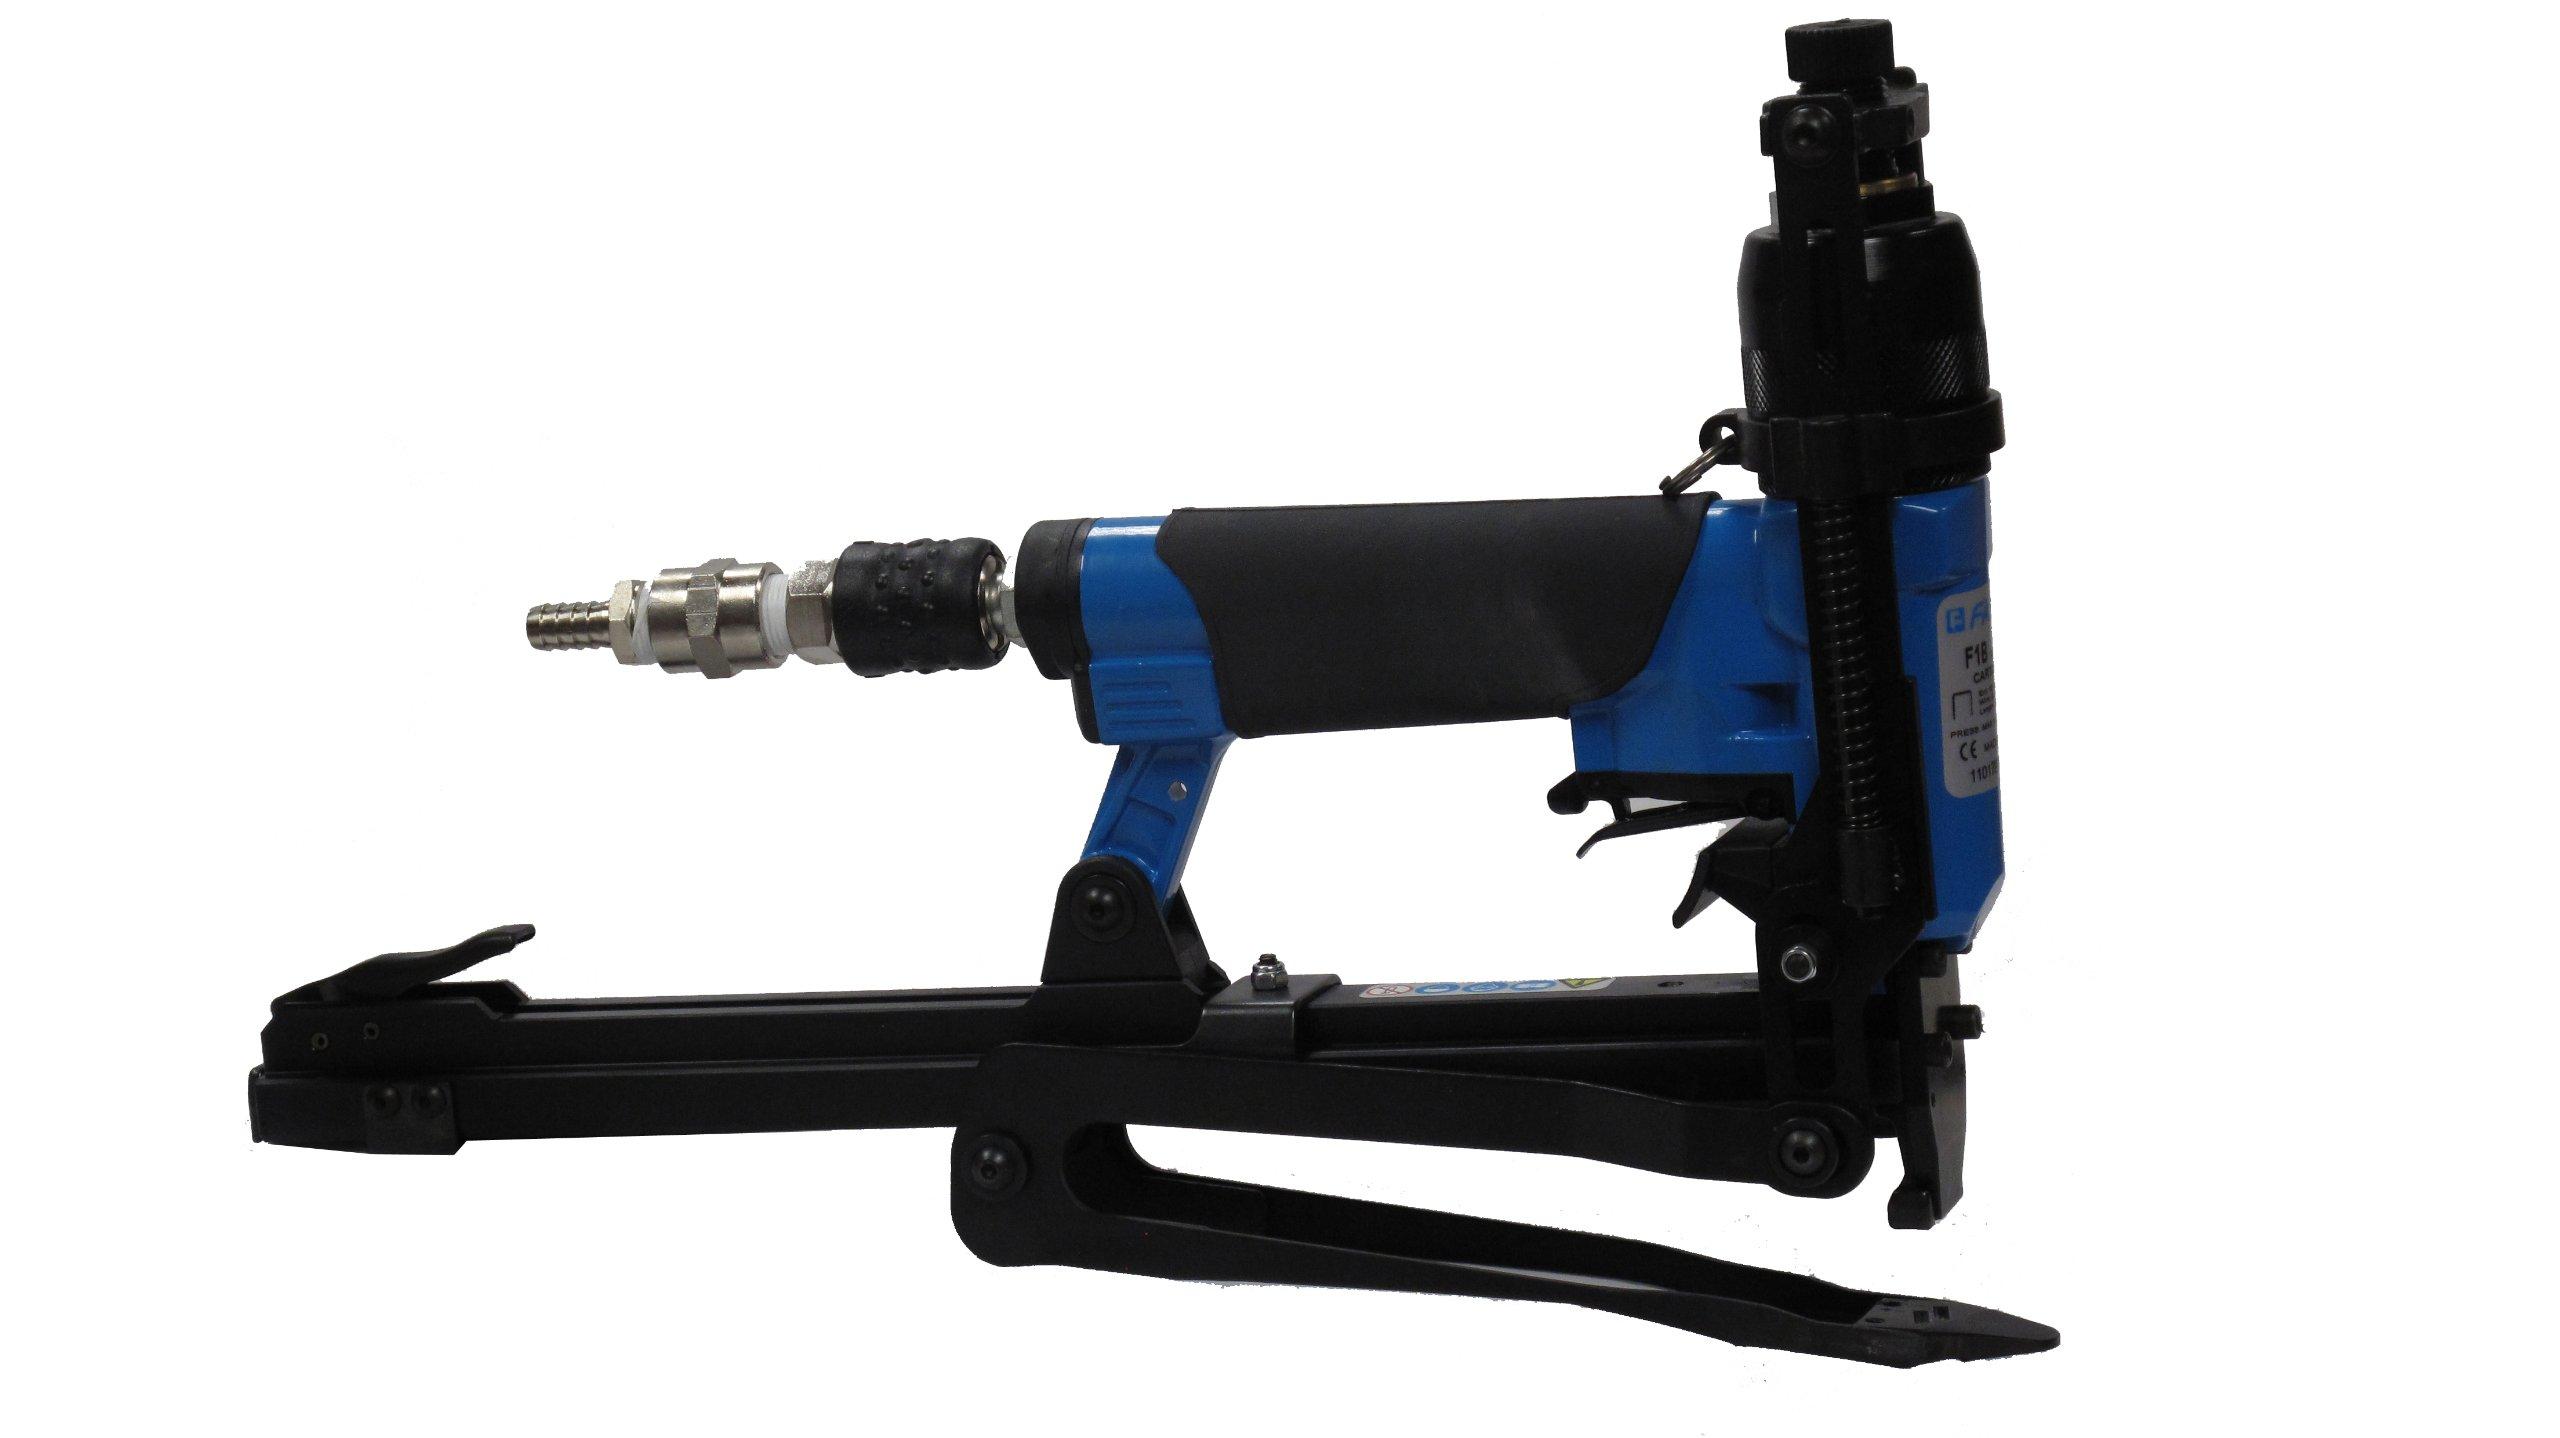 Fasco F1B 779-16 CARTON 11223F Plier Stapler for JK779 Staples